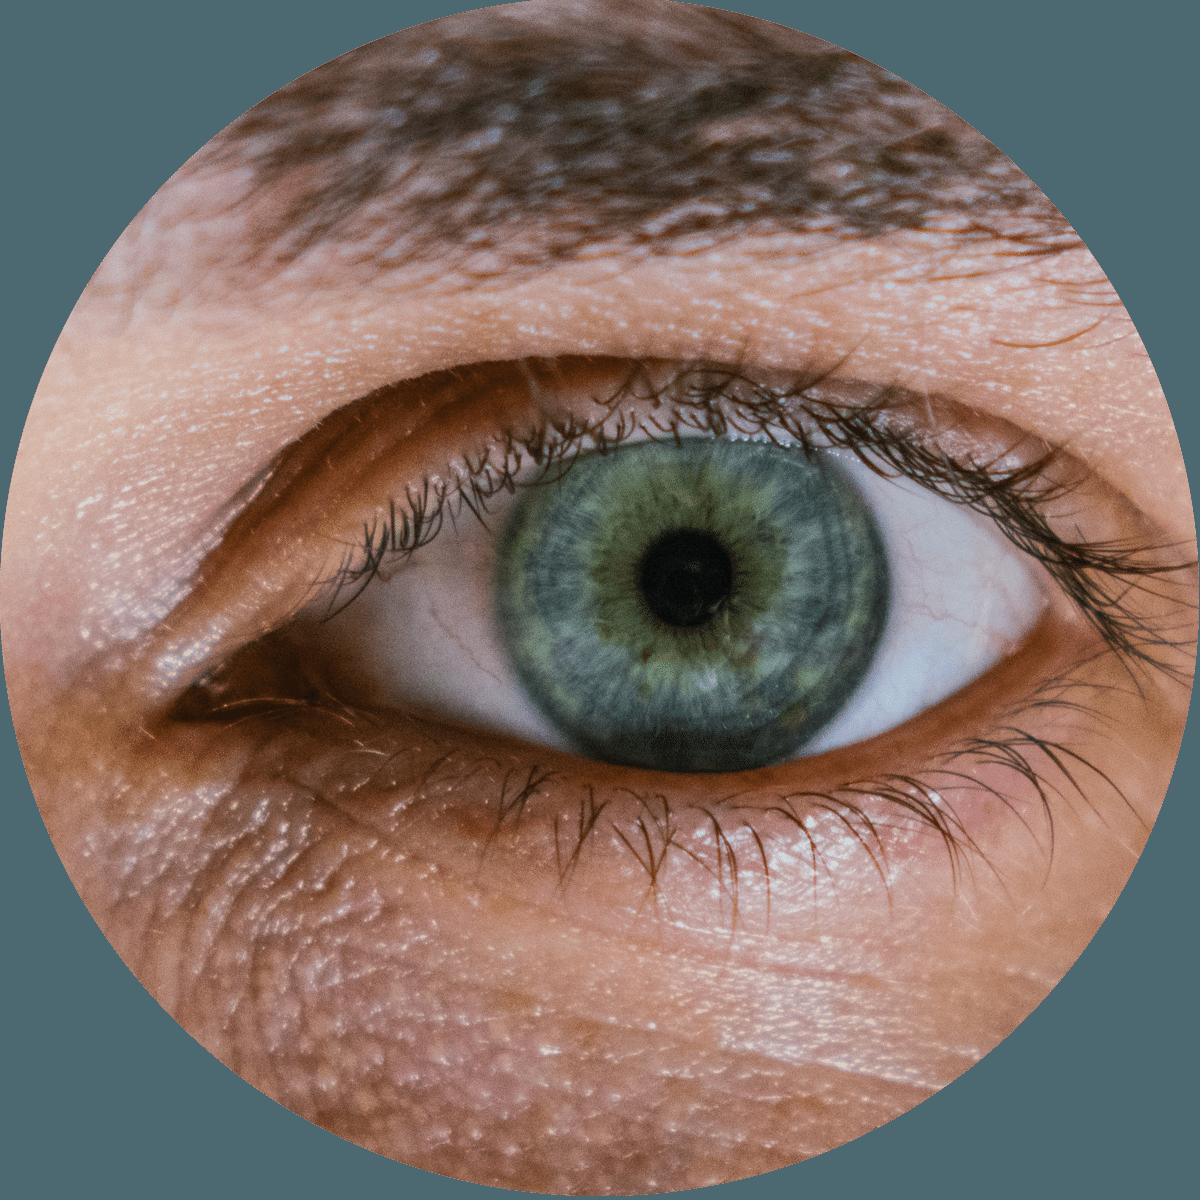 Ögonsjukdomar